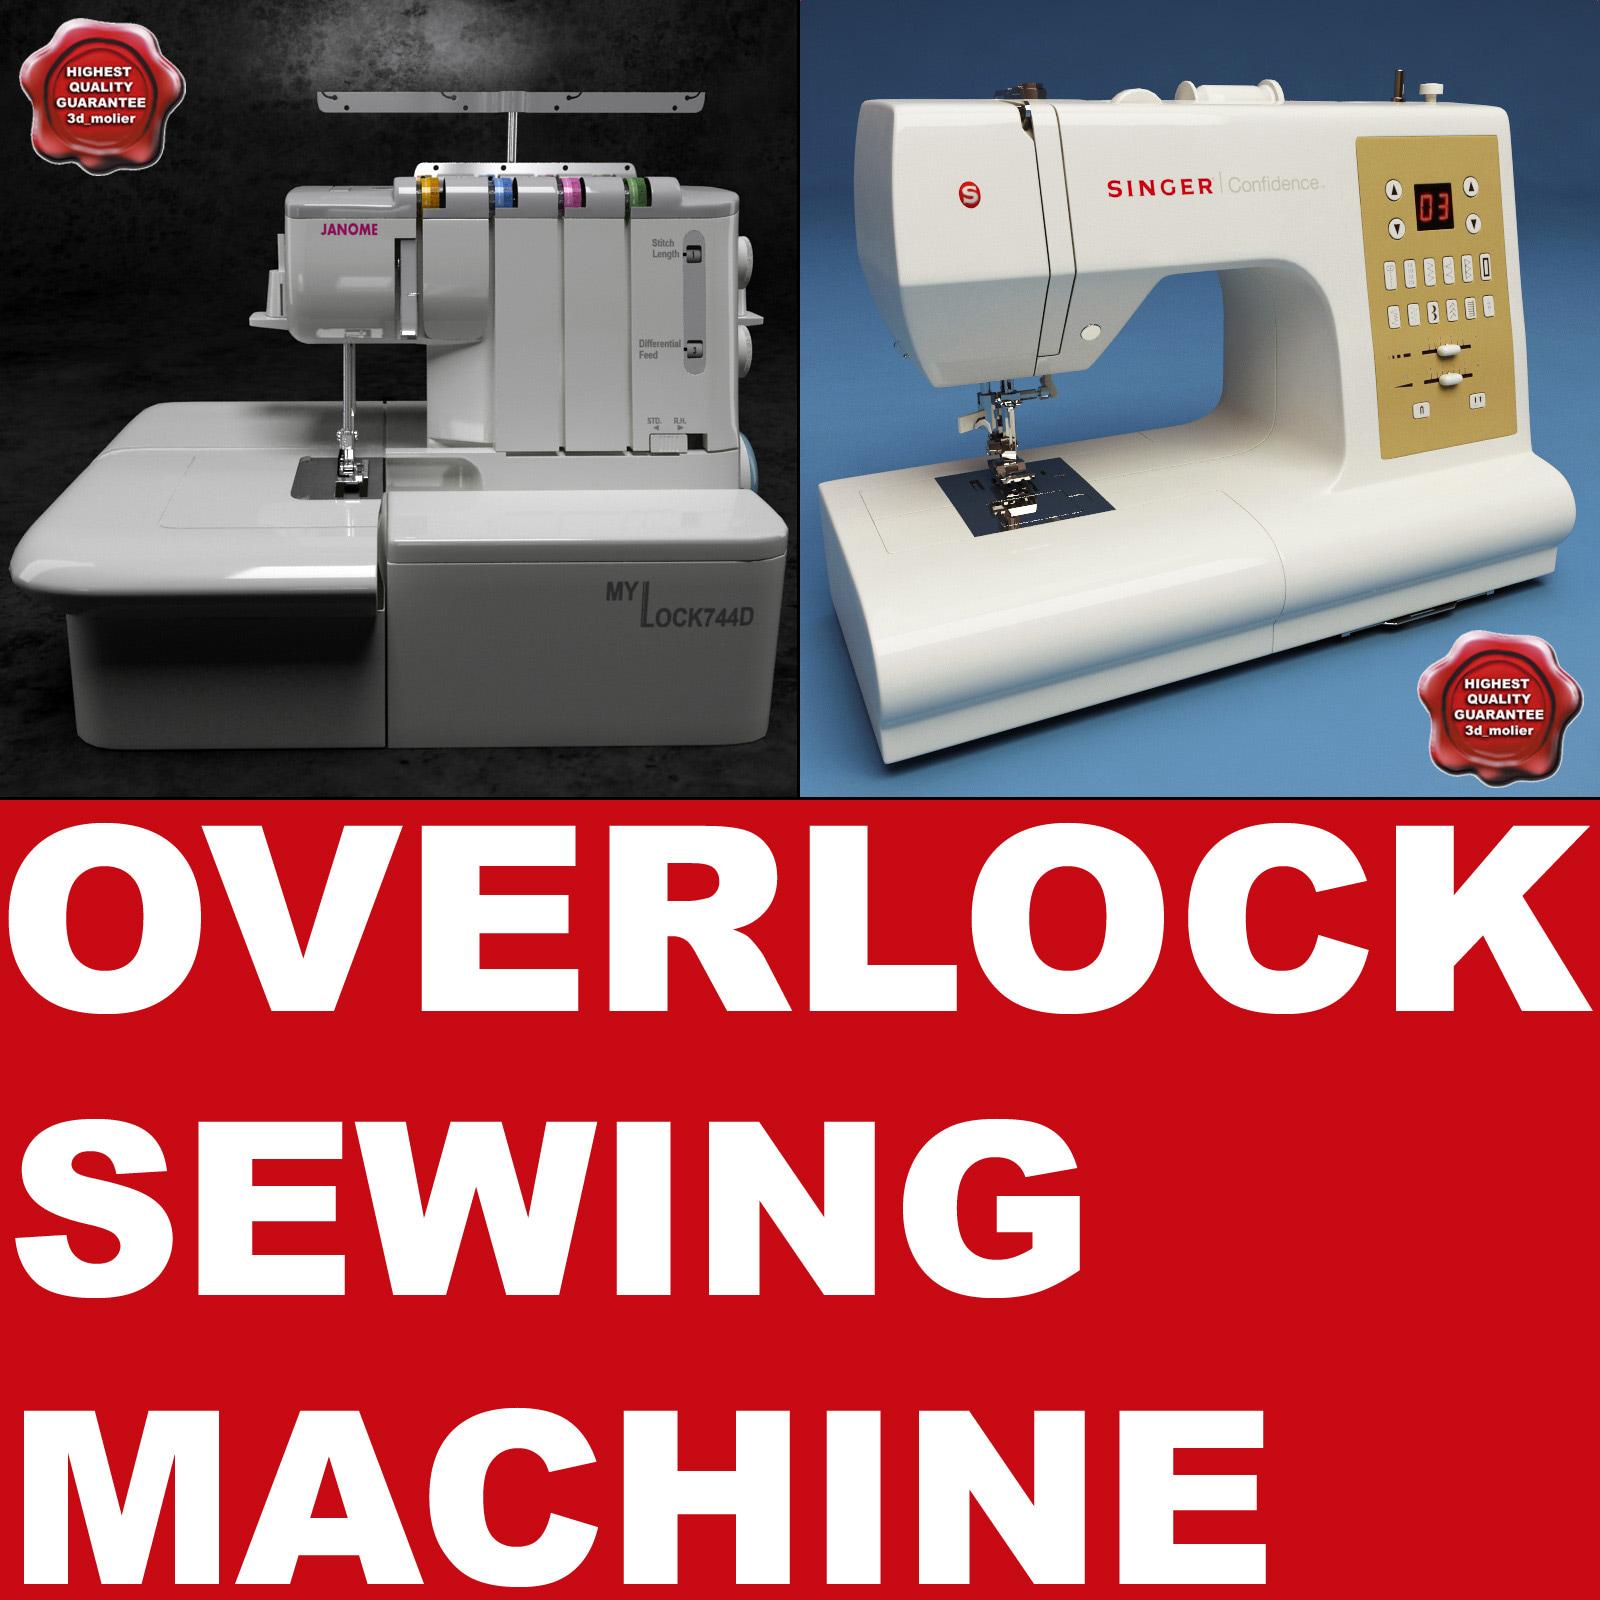 3ds max overlock sewing machine